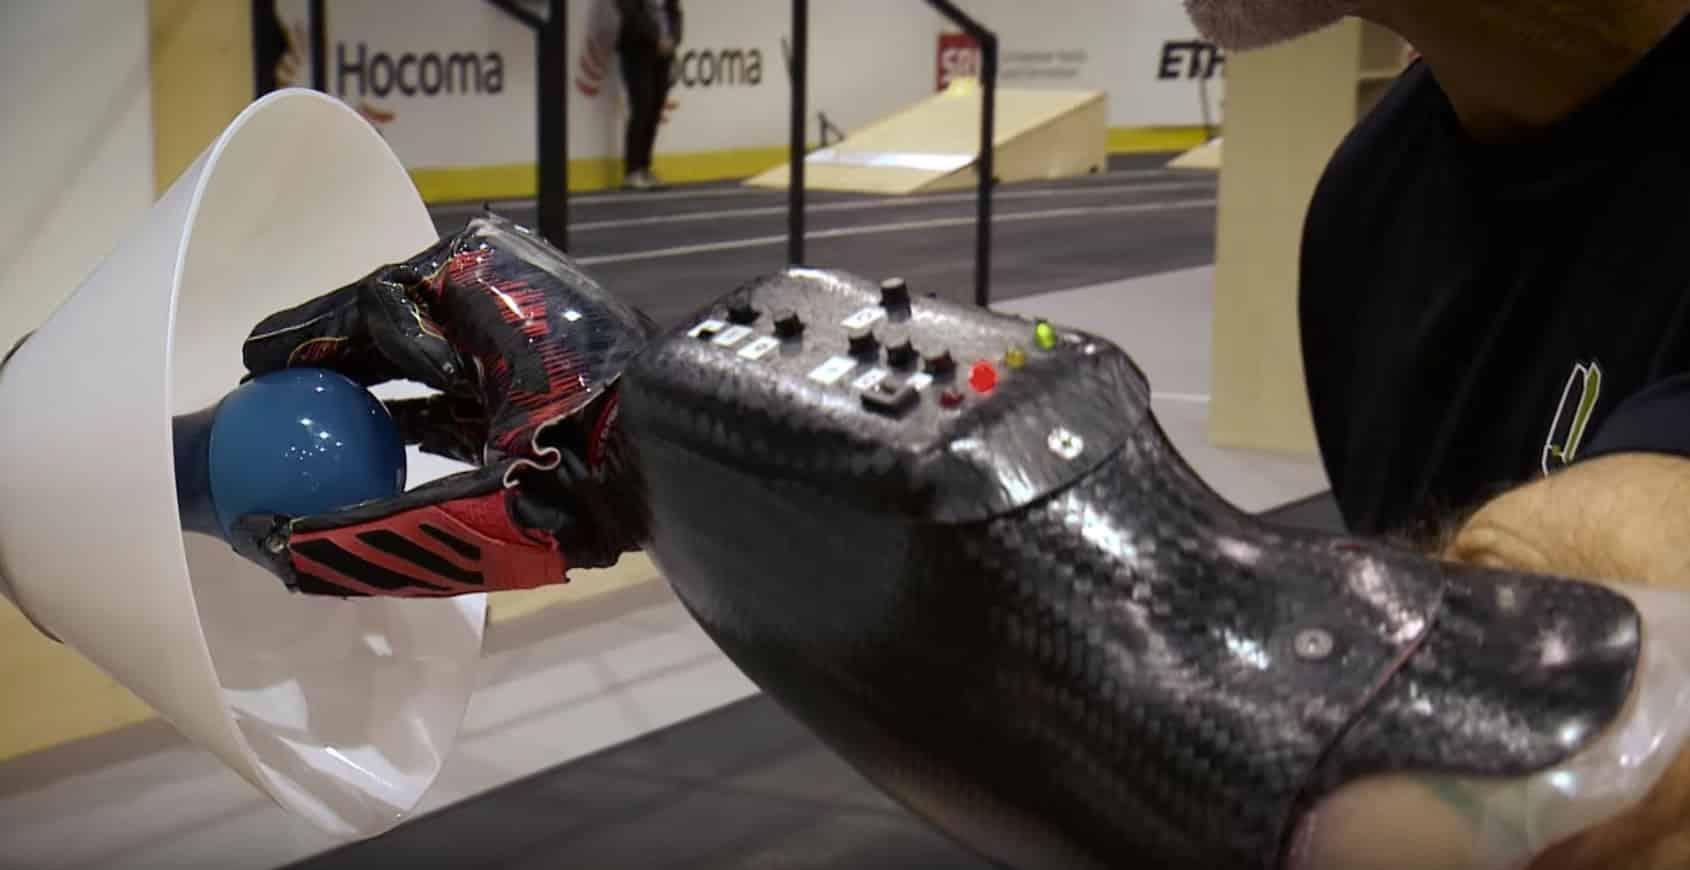 Una de las pruebas de Cybathlon incluía desafíos con prótesis de brazos.